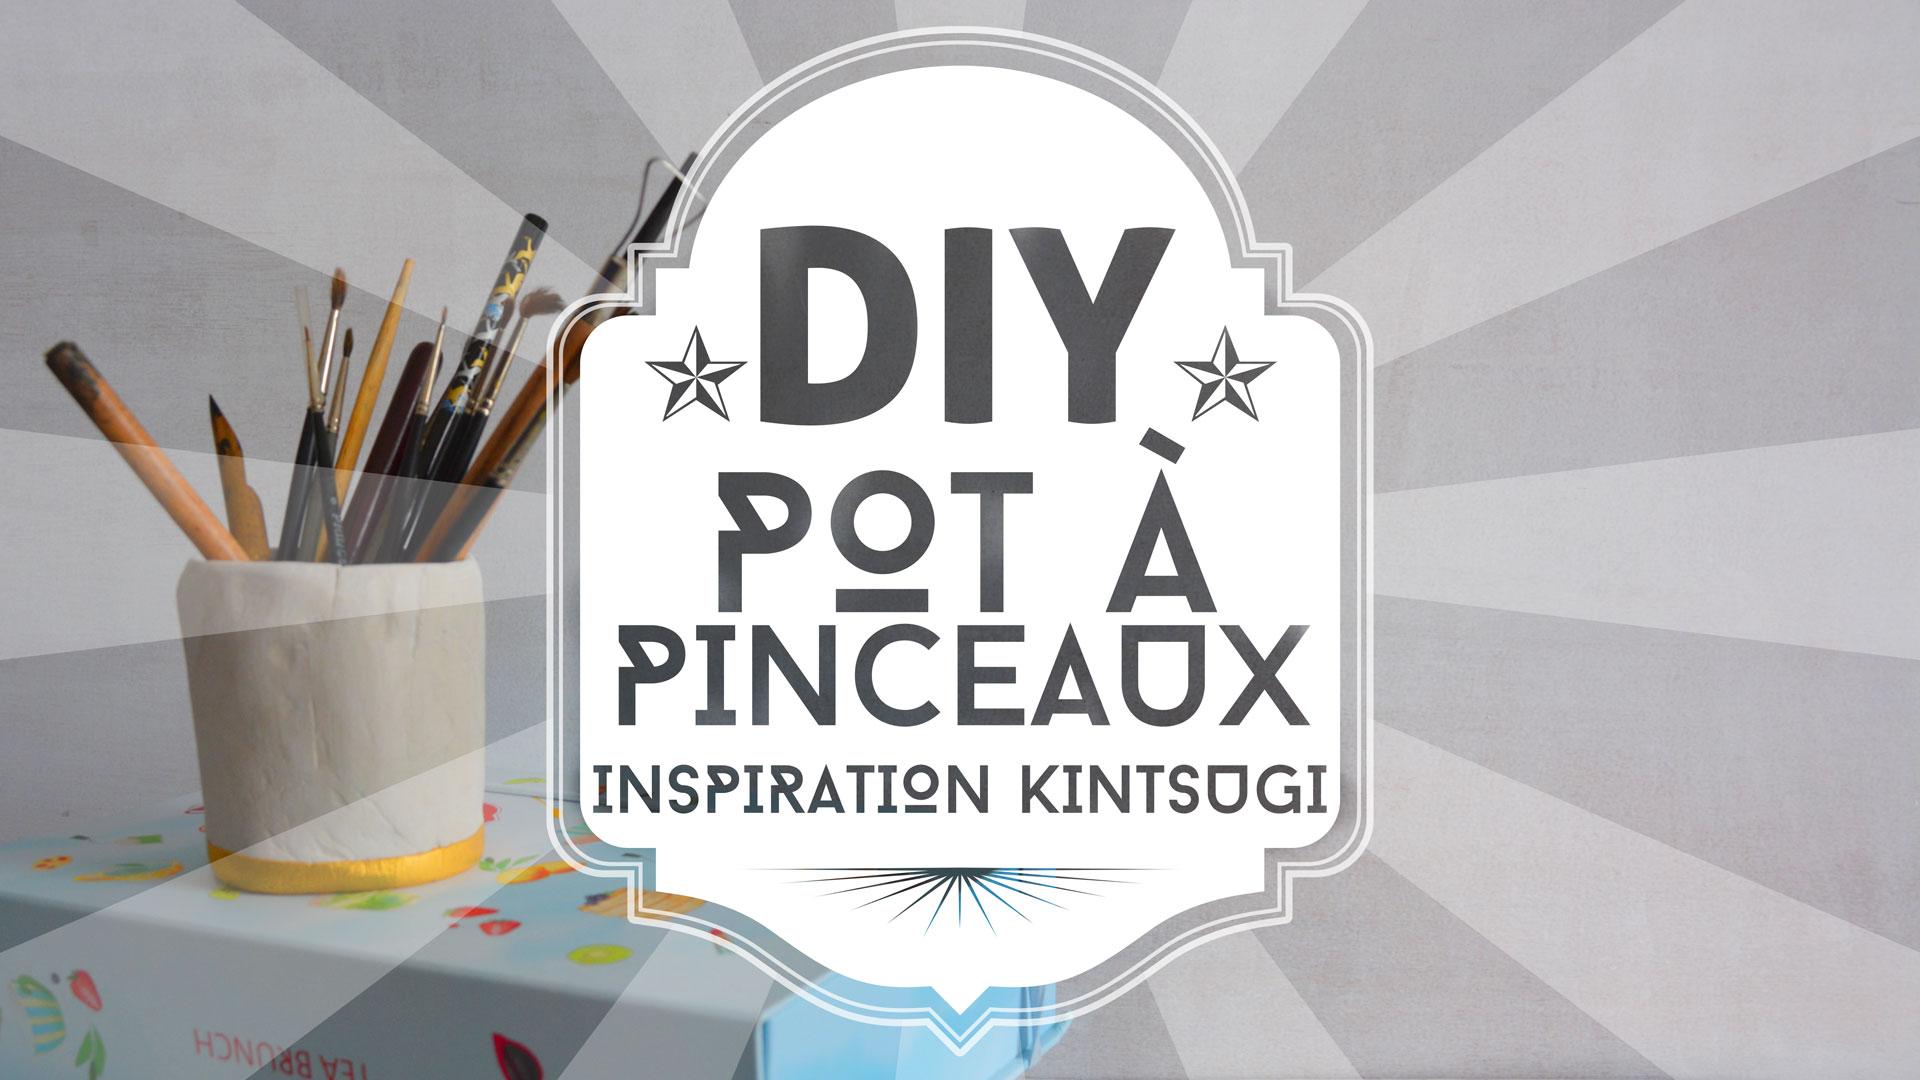 DIY : pot à pinceaux inspiration Kintsugi